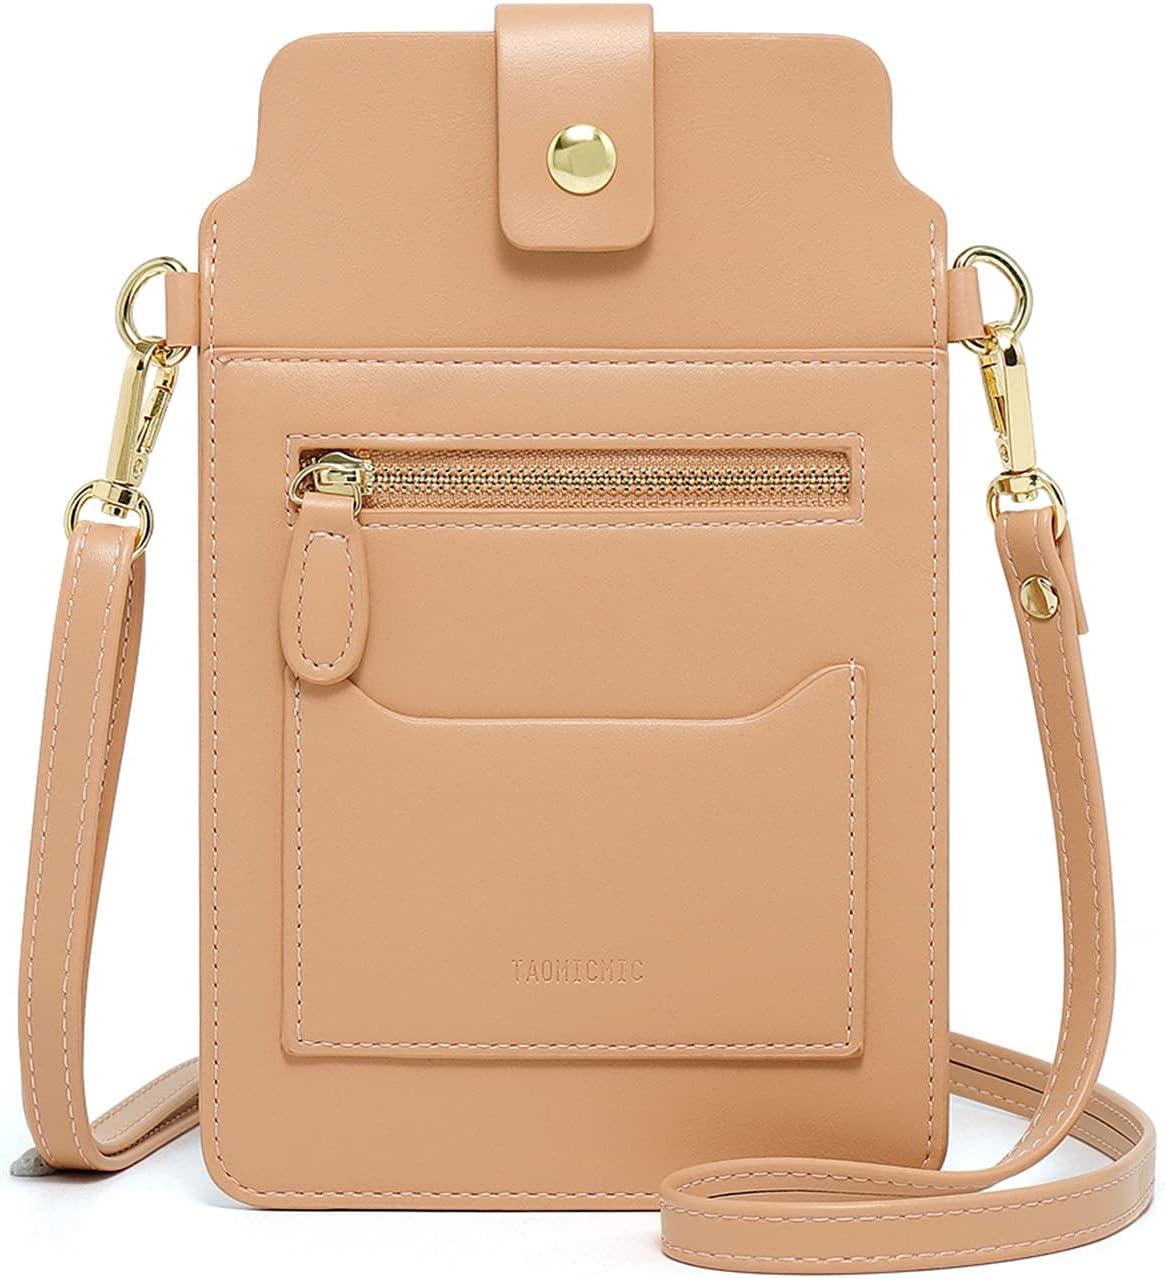 Small Crossbody Bag for Women Cellphone Wallet Shoulder Purse, Touch Screen Card Lightweight Satchel